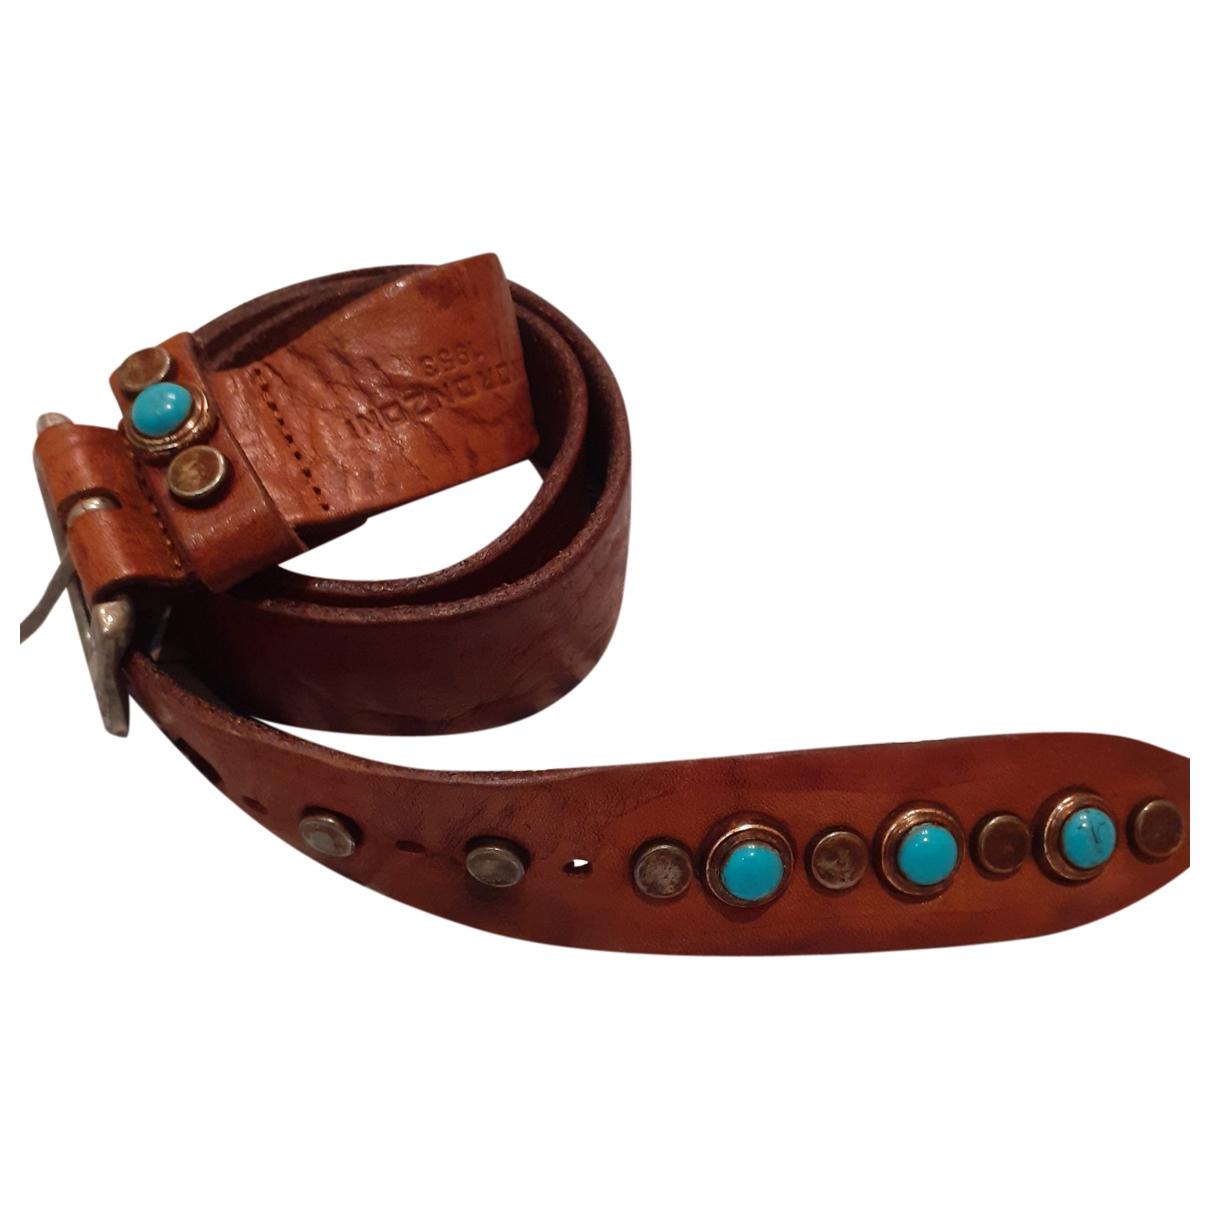 Cinturon de Cuero Non Signe / Unsigned